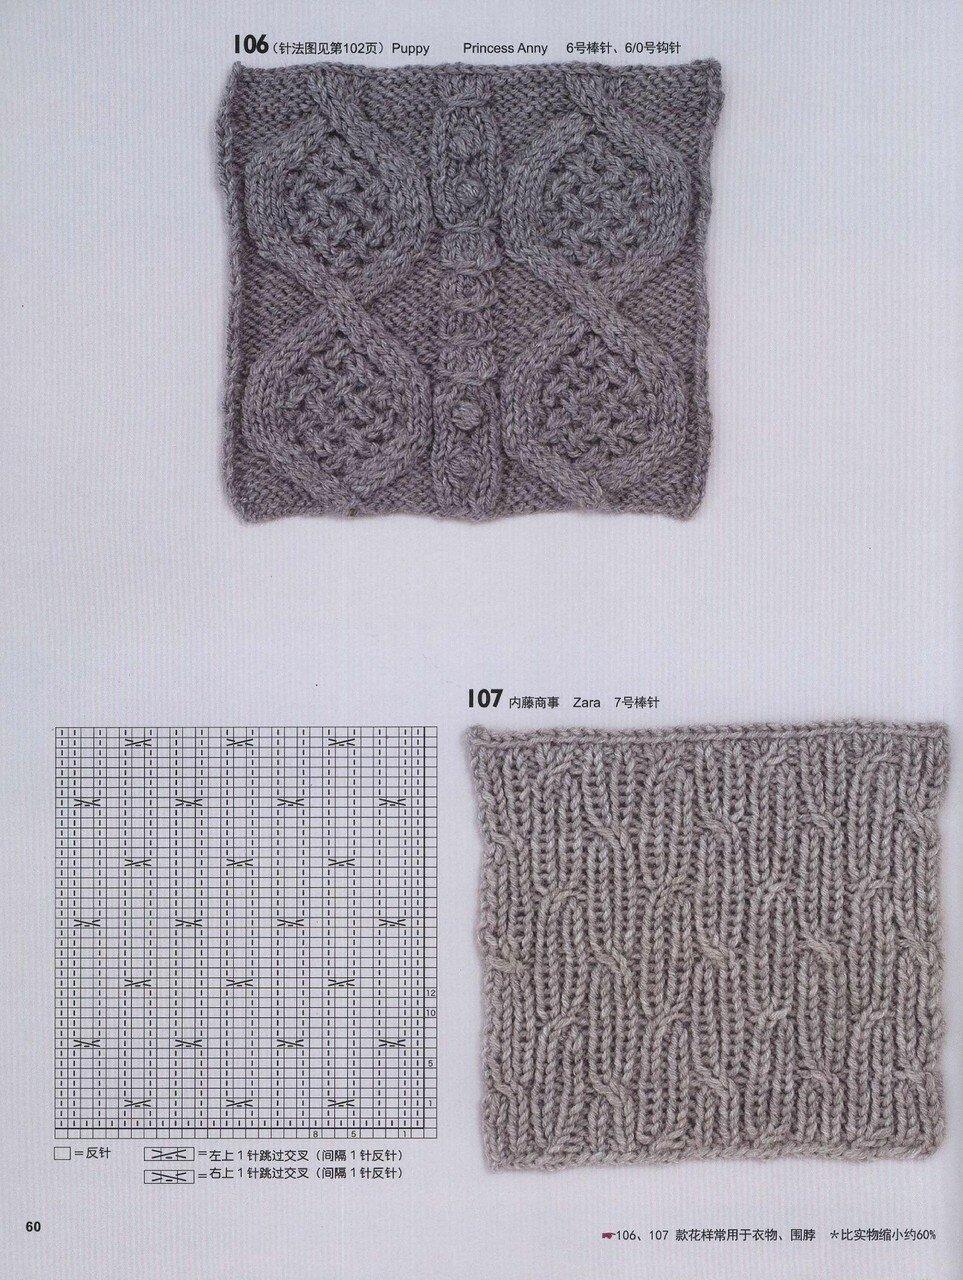 150 Knitting_62.jpg